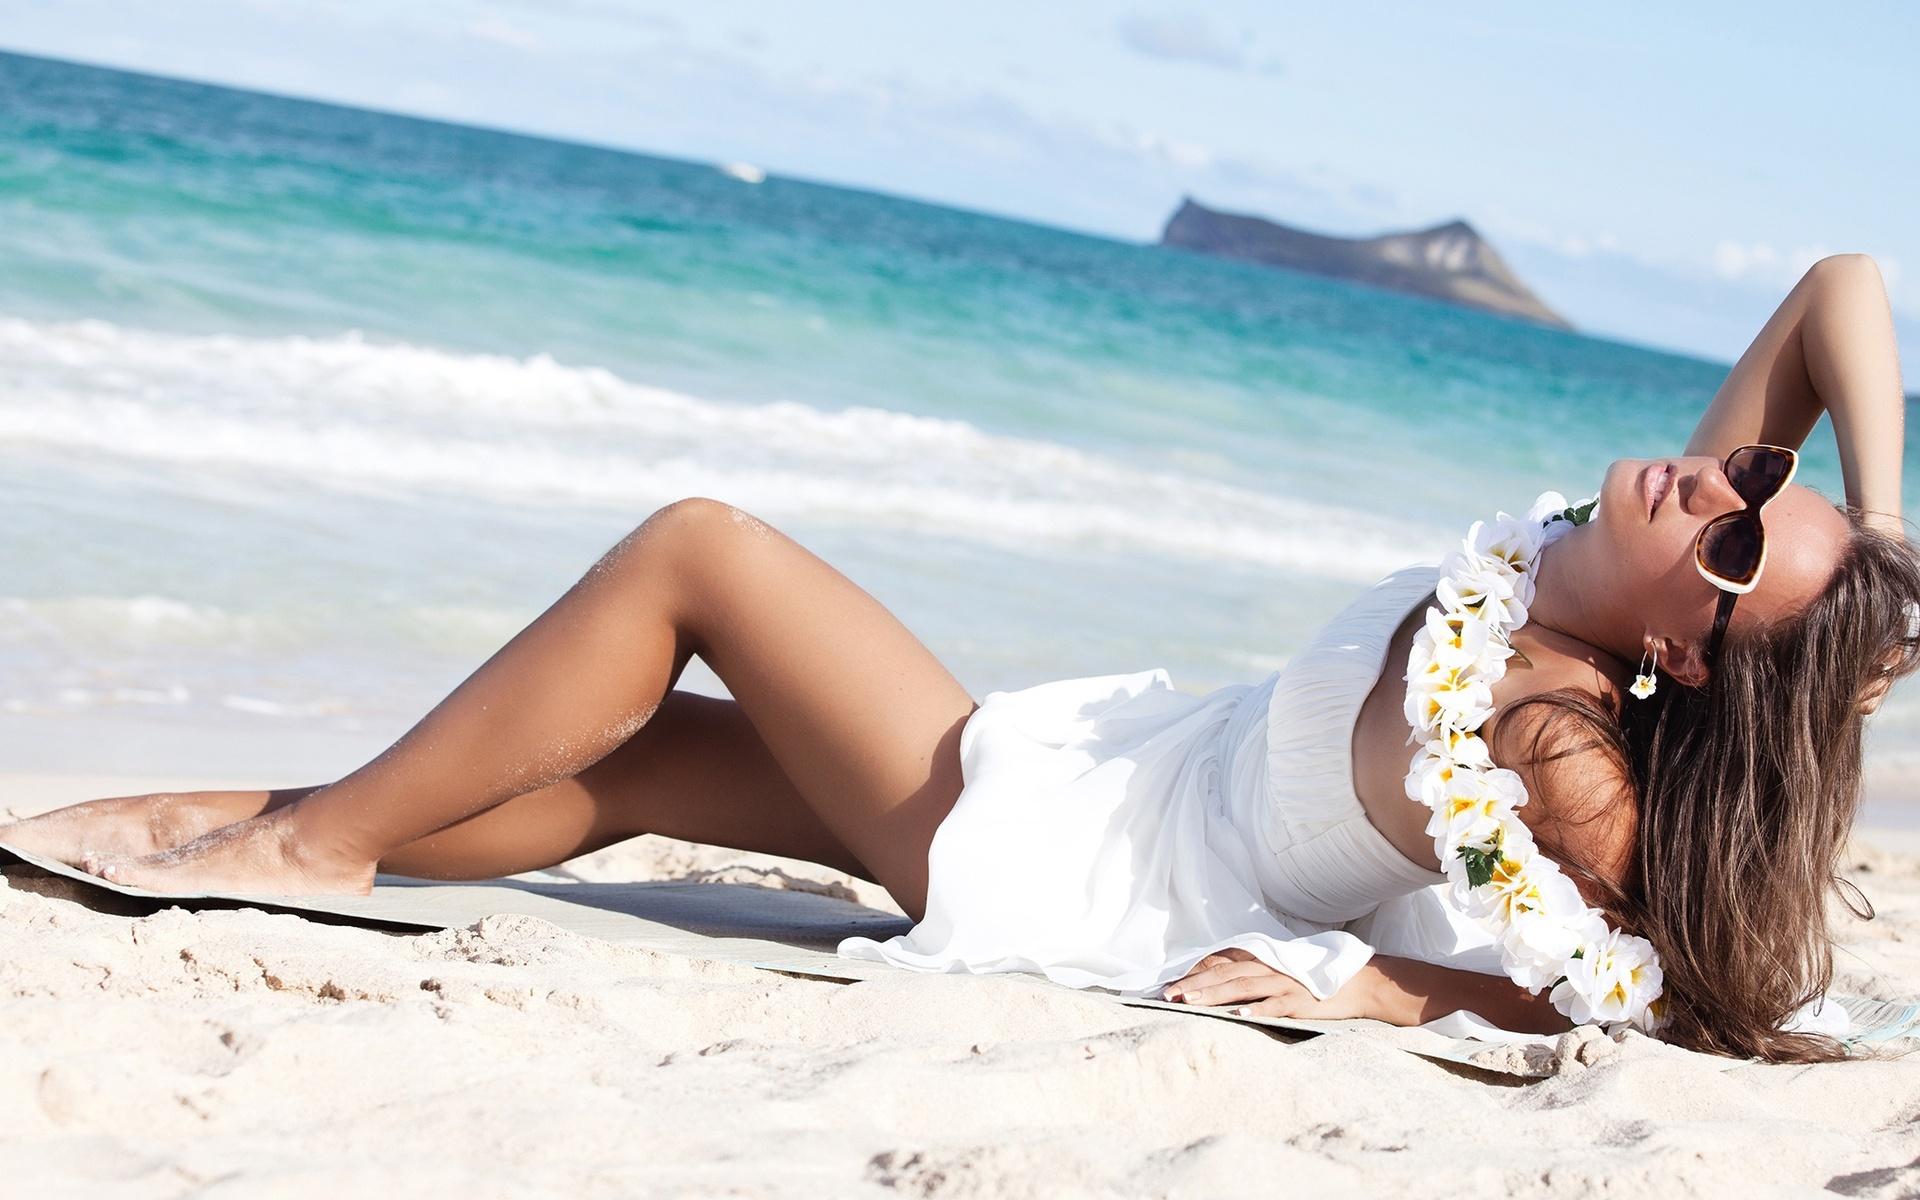 Картинки пляж и девушки